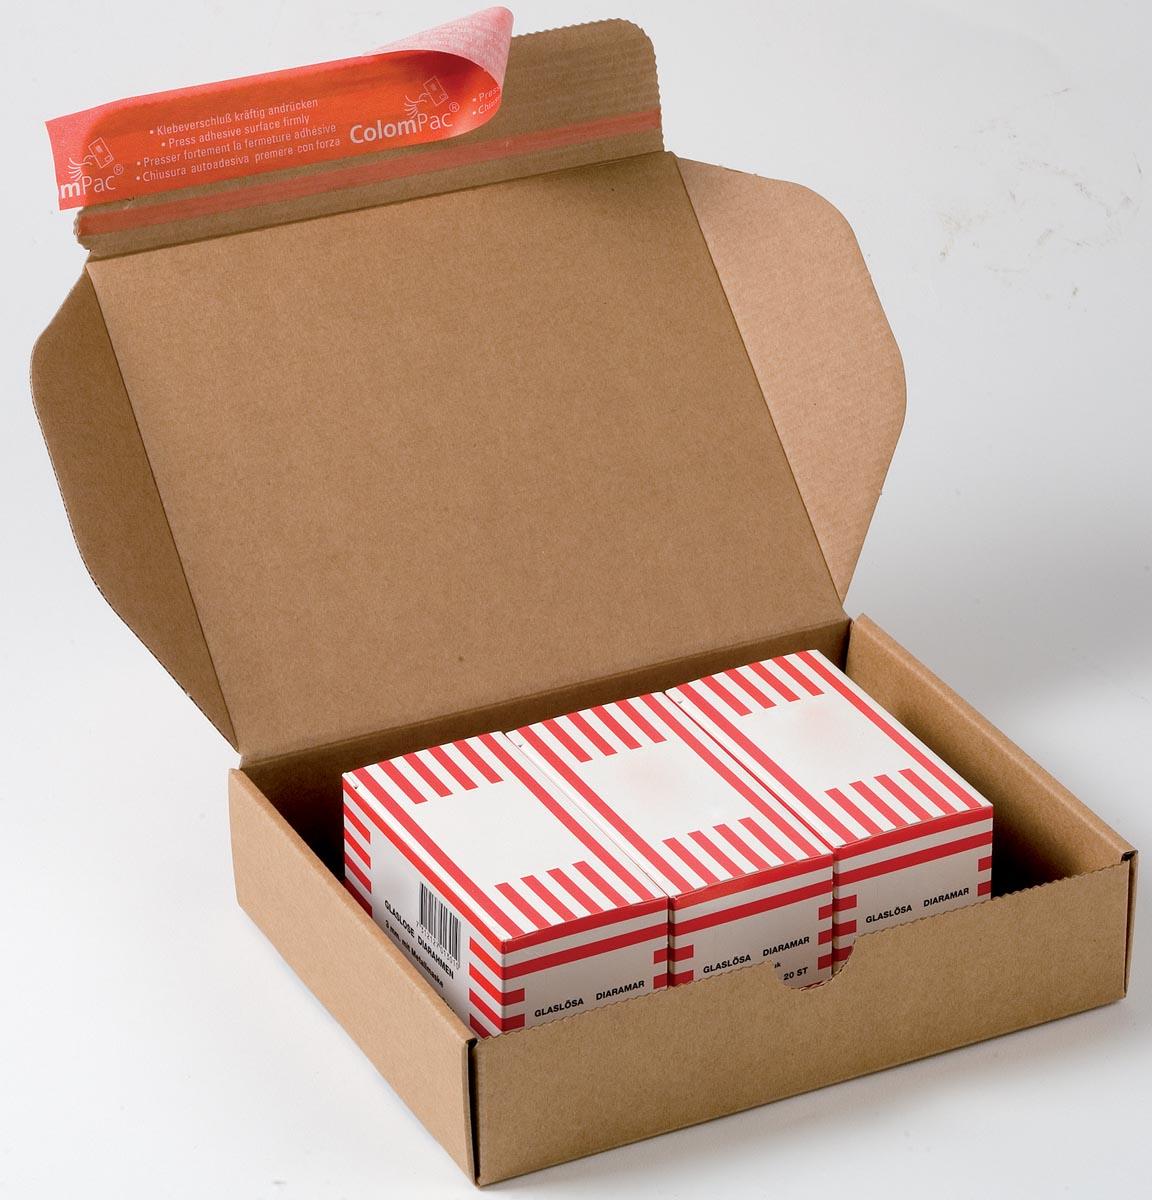 Colompac verzenddoos Modulbox, binnenformaat 192 x 155 x 43 mm, bruin